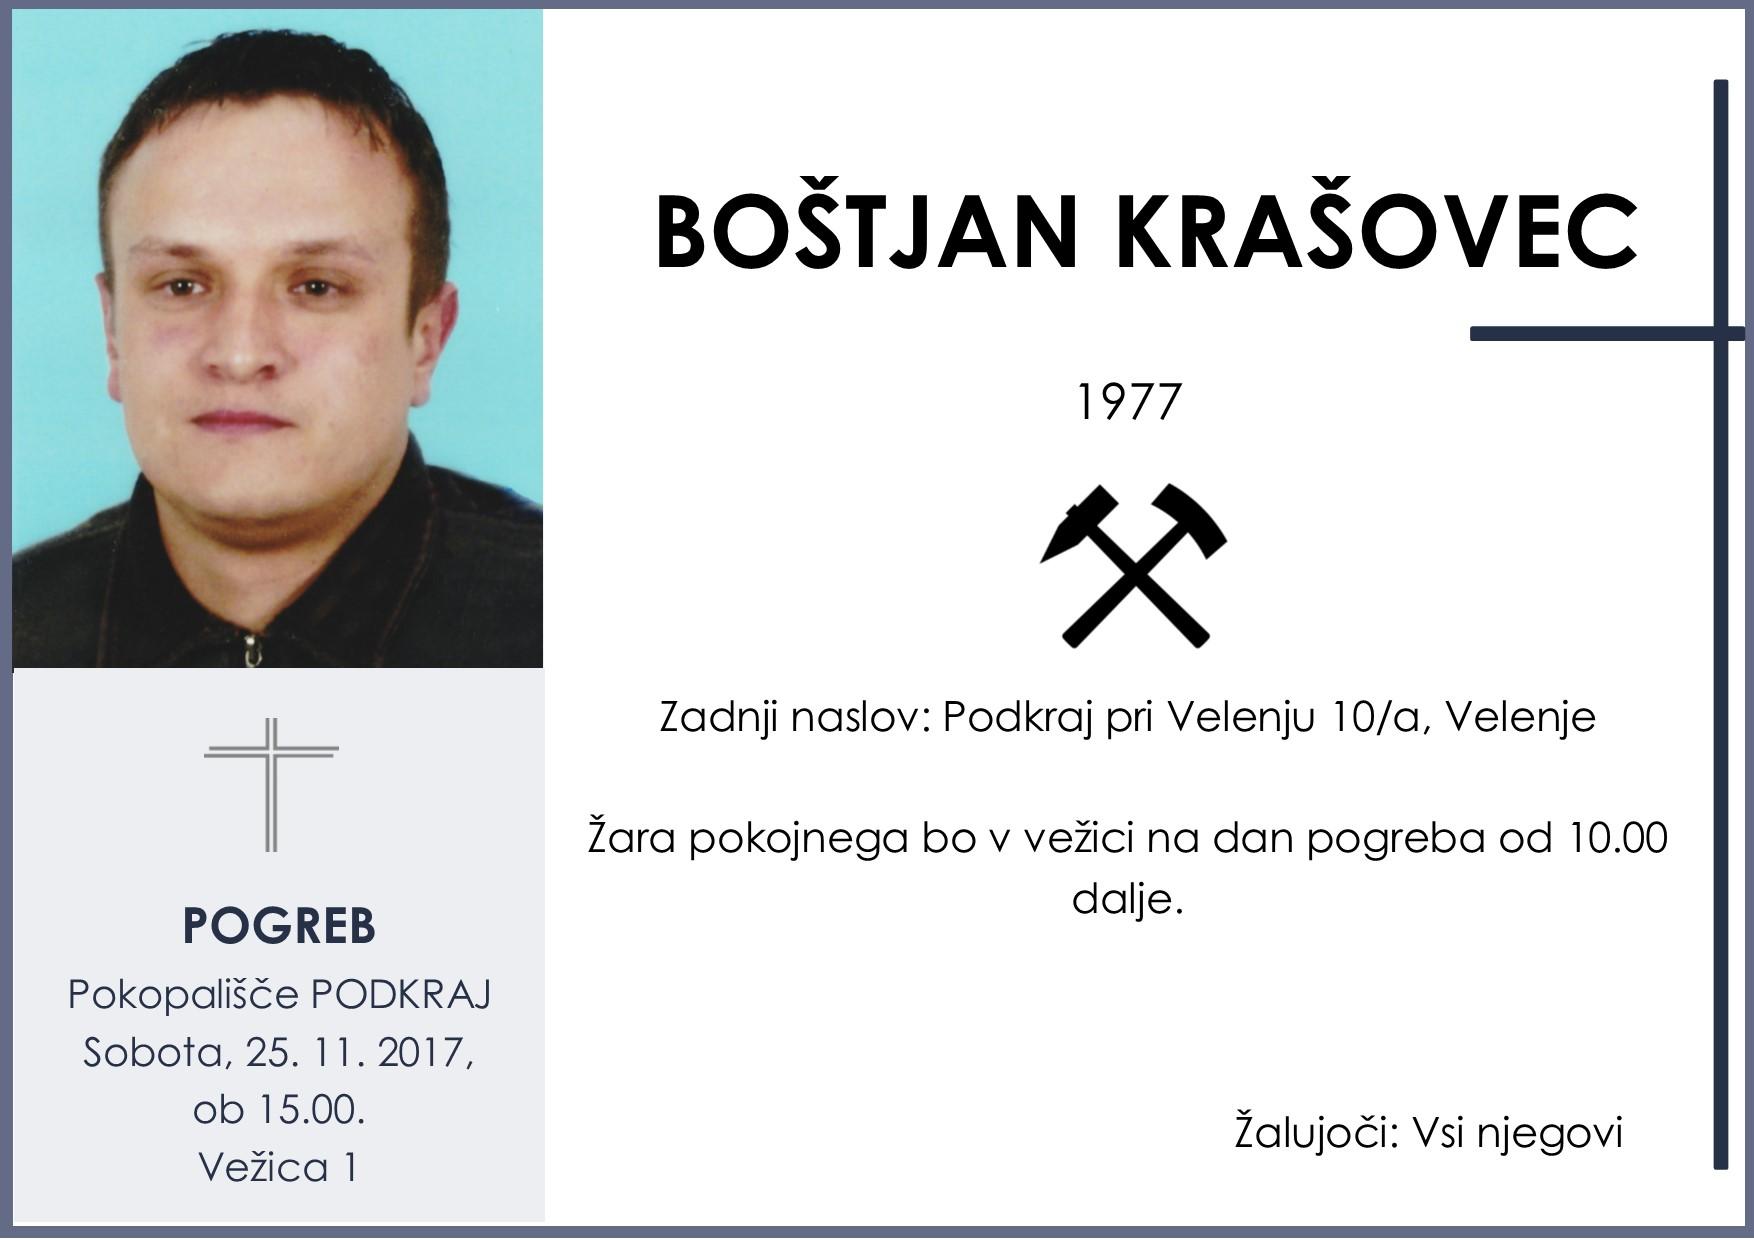 BOŠTJAN KRAŠOVEC, Podkraj, 25. 11. 2017